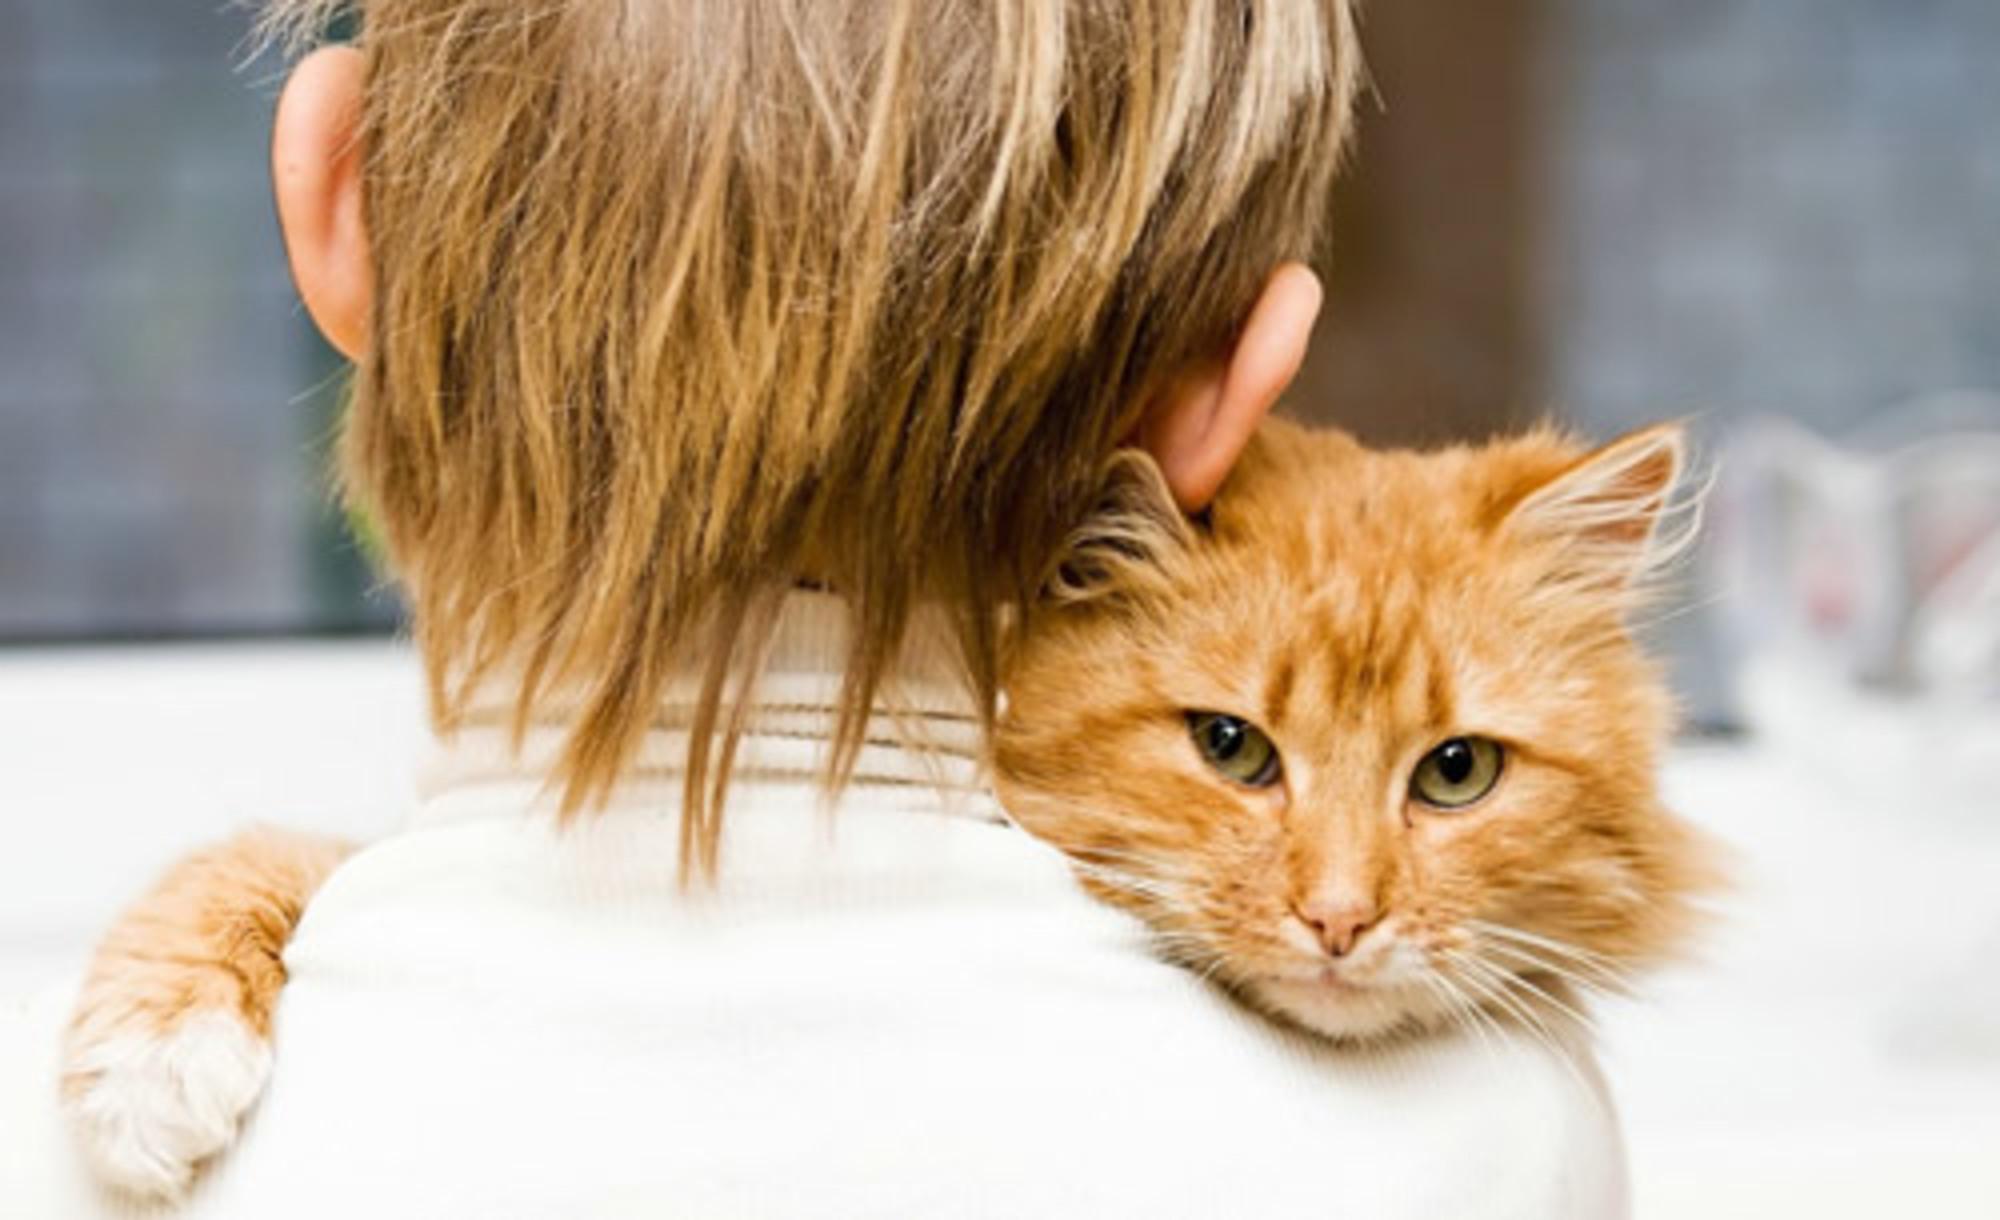 Сколько лет кошке по человеческим меркам: определяем возраст любимого питомца